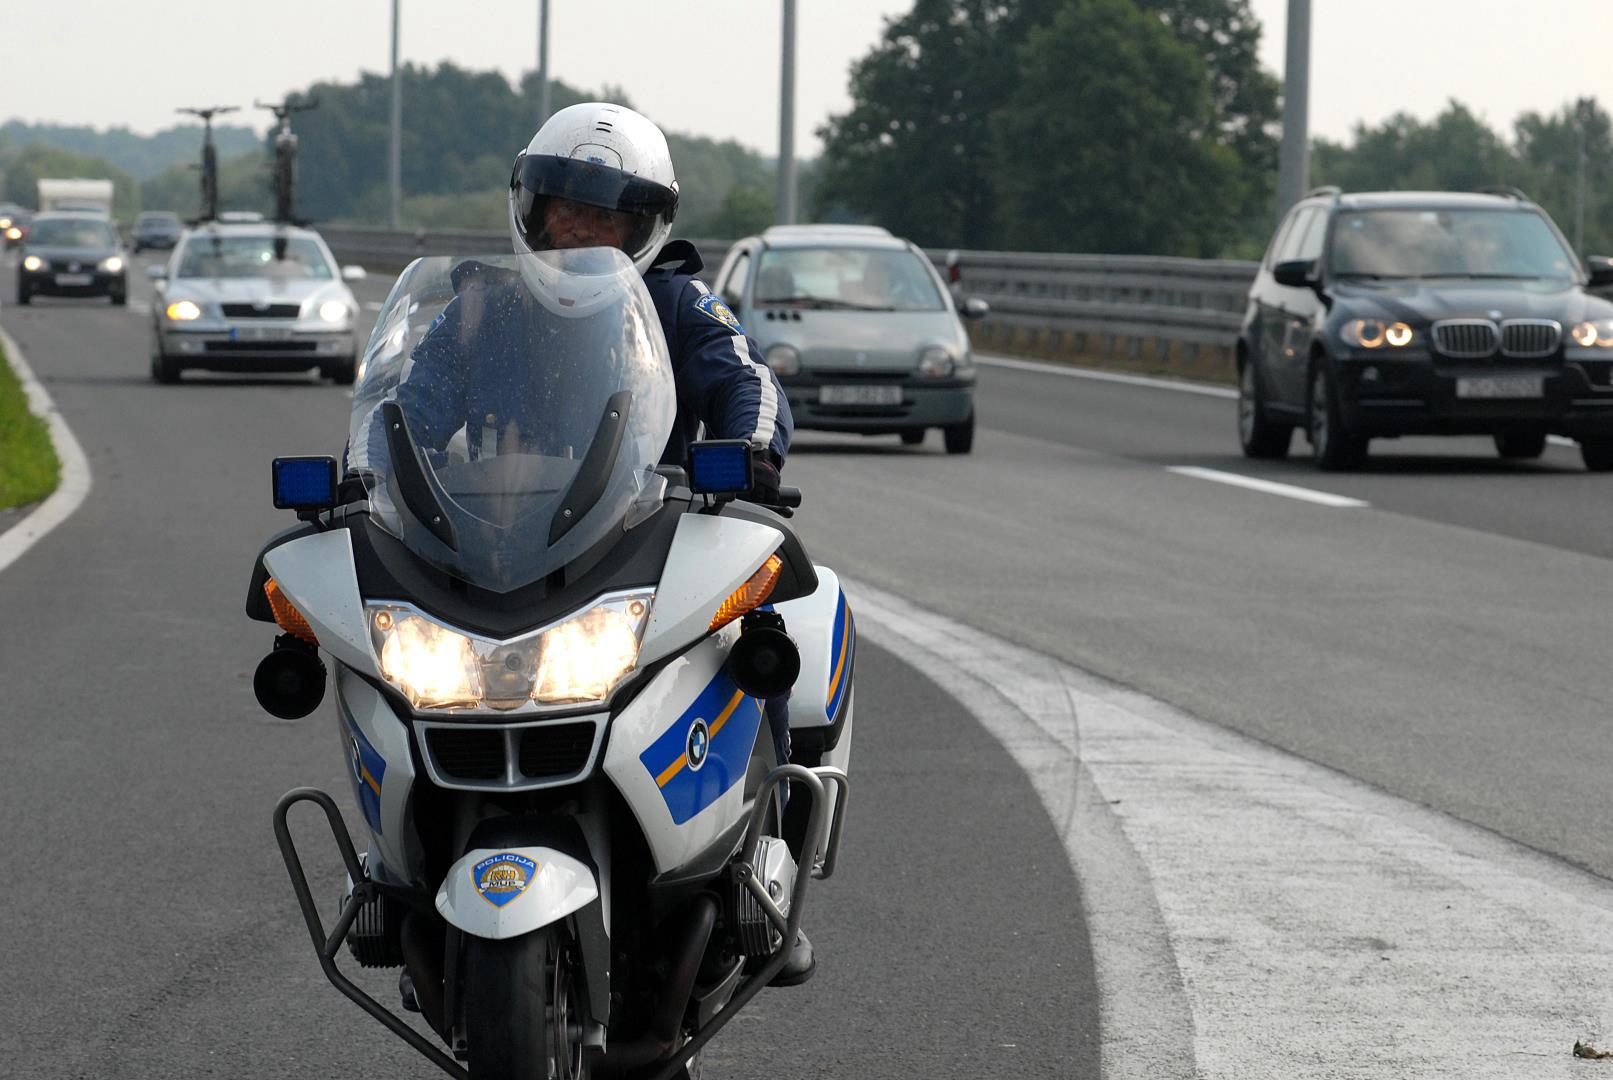 Bezrazložno sporom vožnjom u lijevoj traci vozači stvaraju gužve